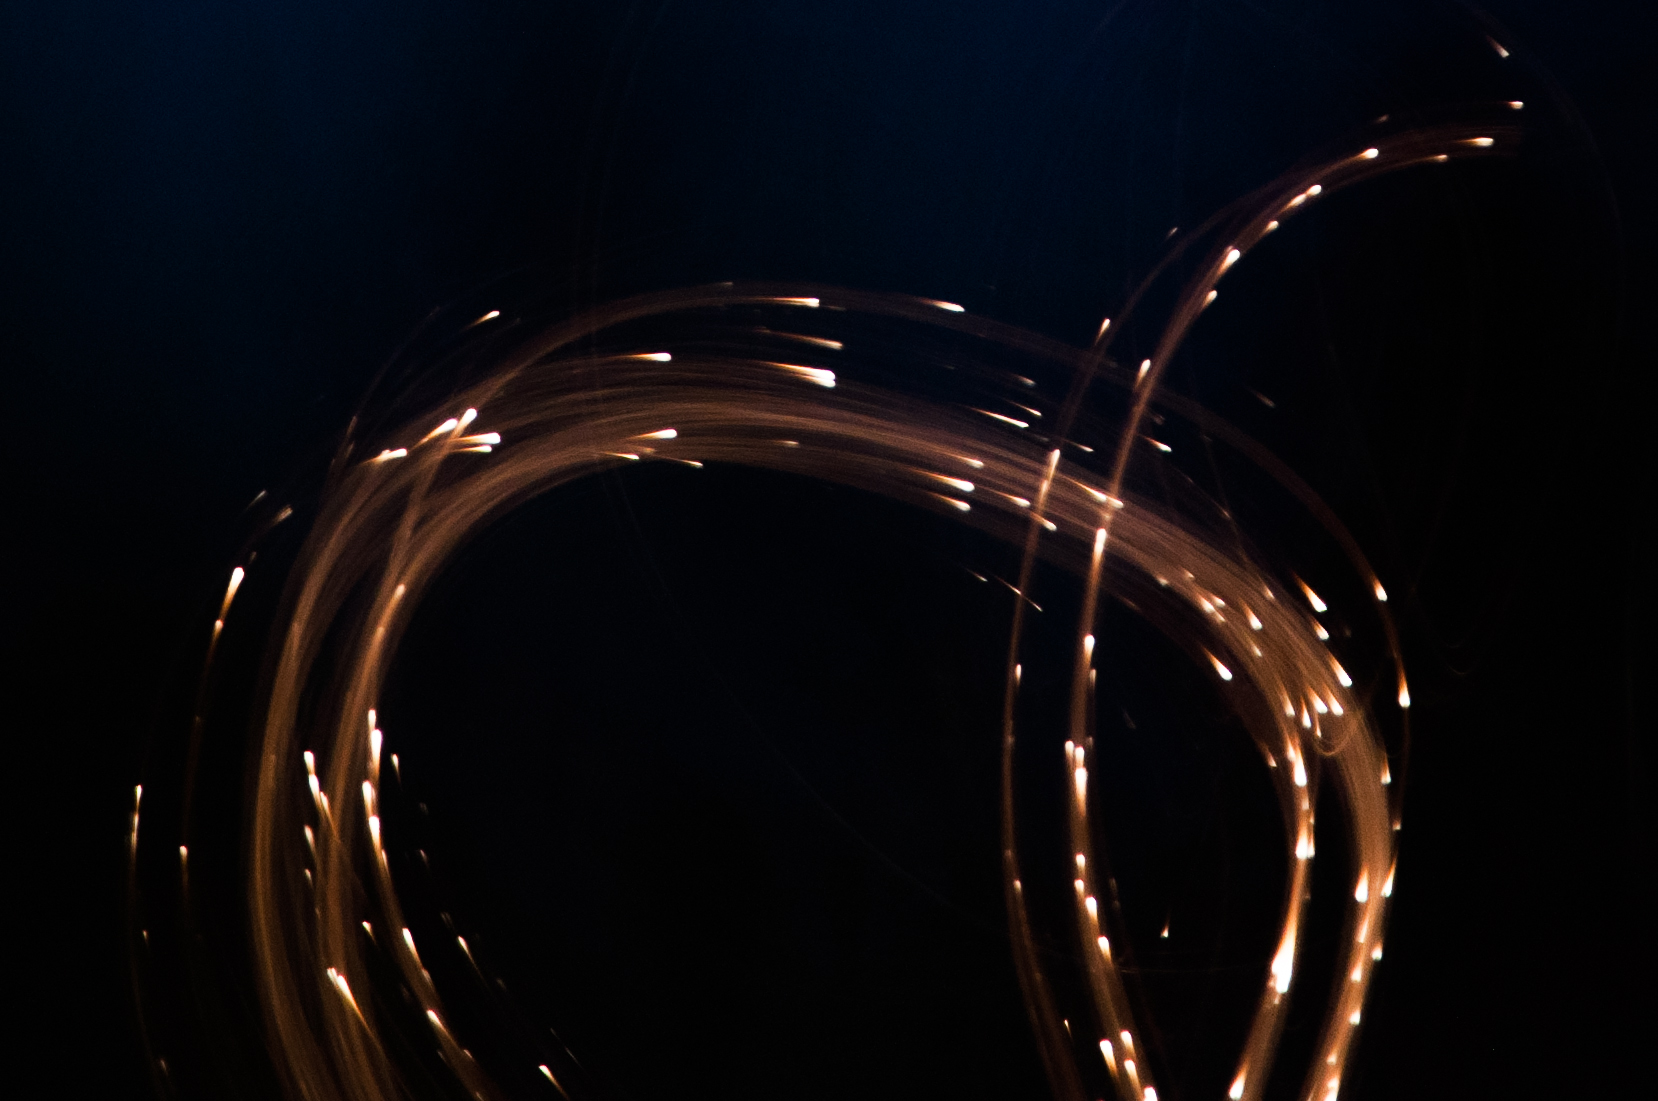 FA_Moving Lights_May 24_-7233.jpg